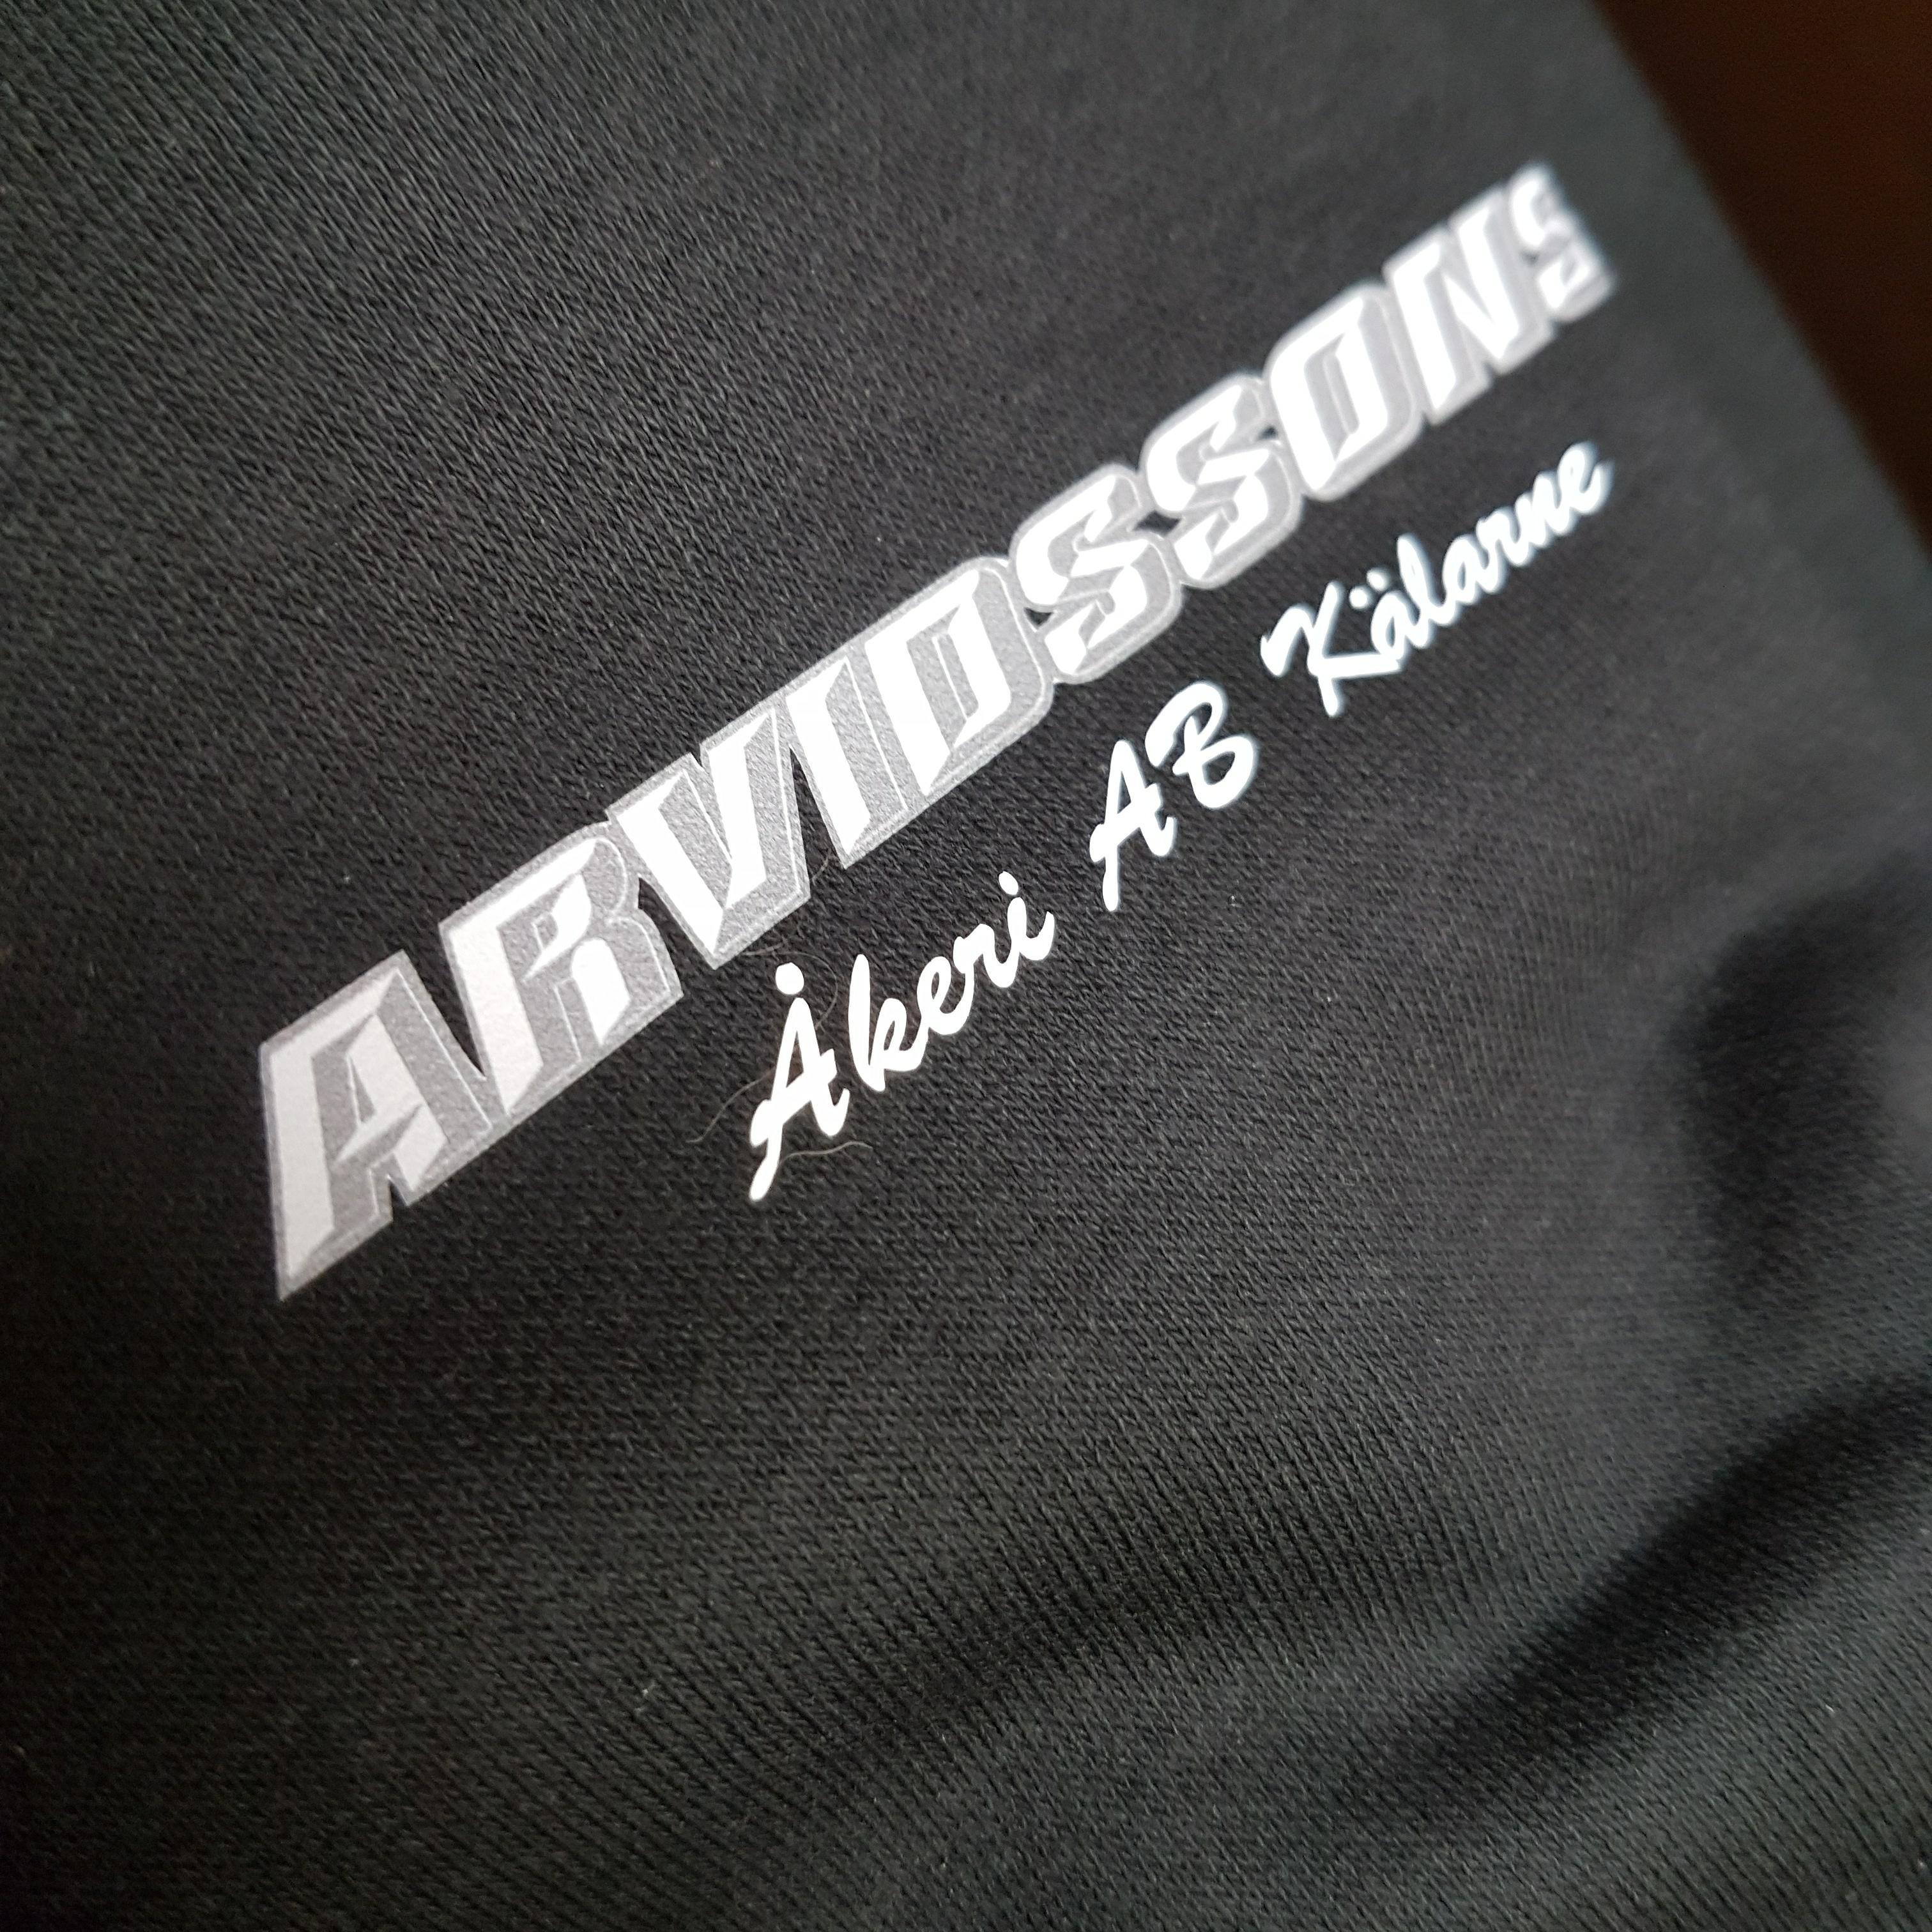 Arvidssons Åkeri AB